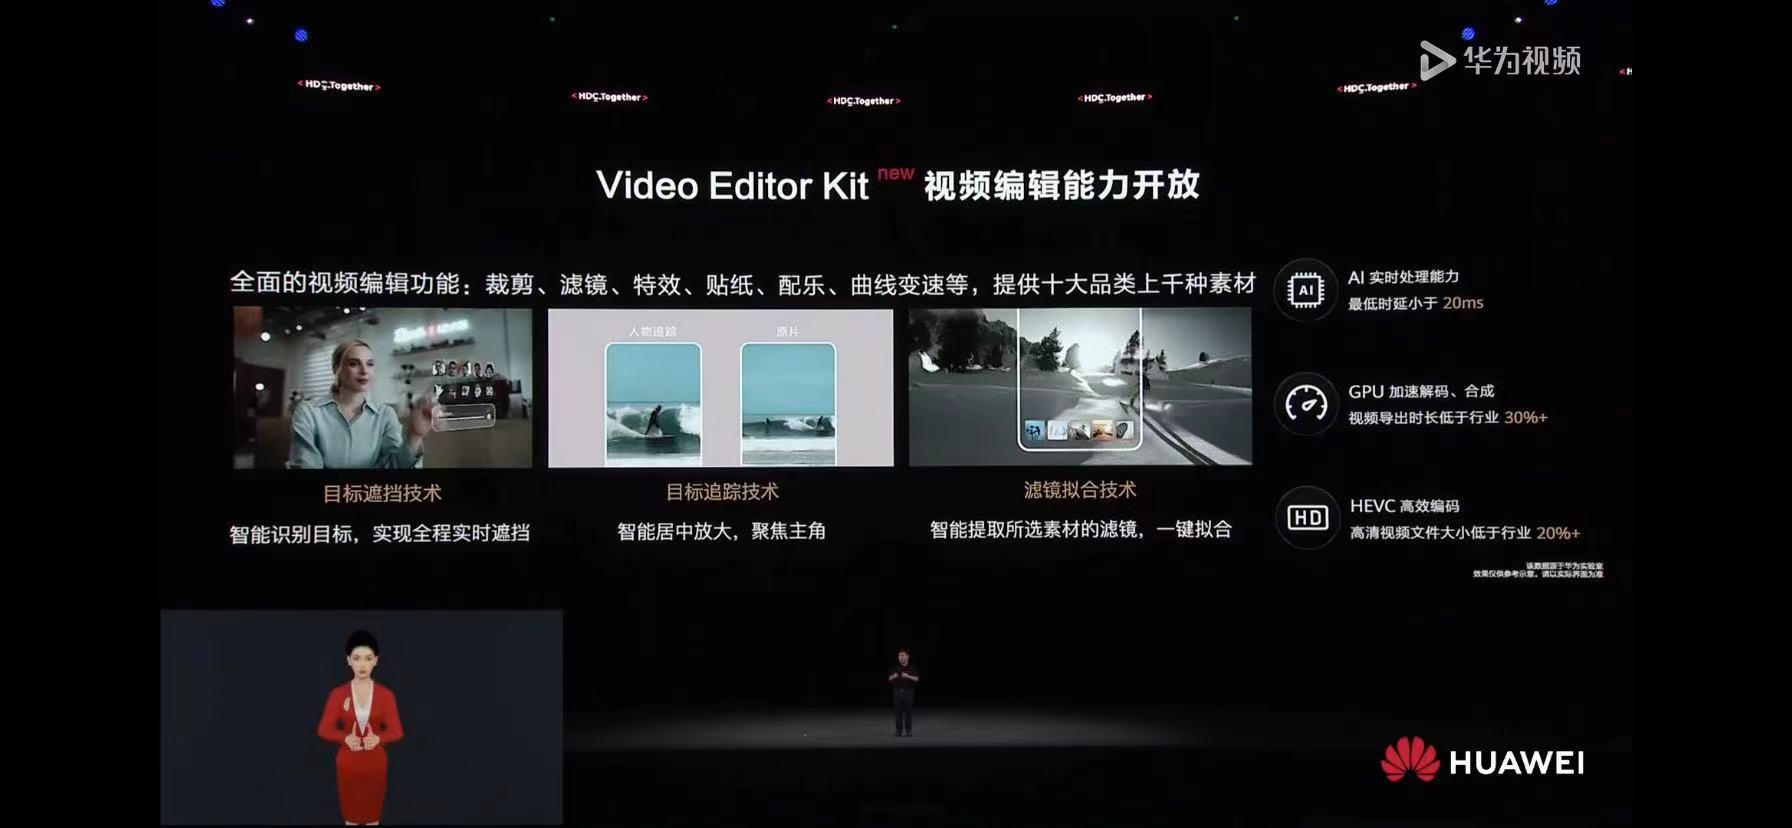 华为开发者大会2021:video editor kit视频编辑能力开放